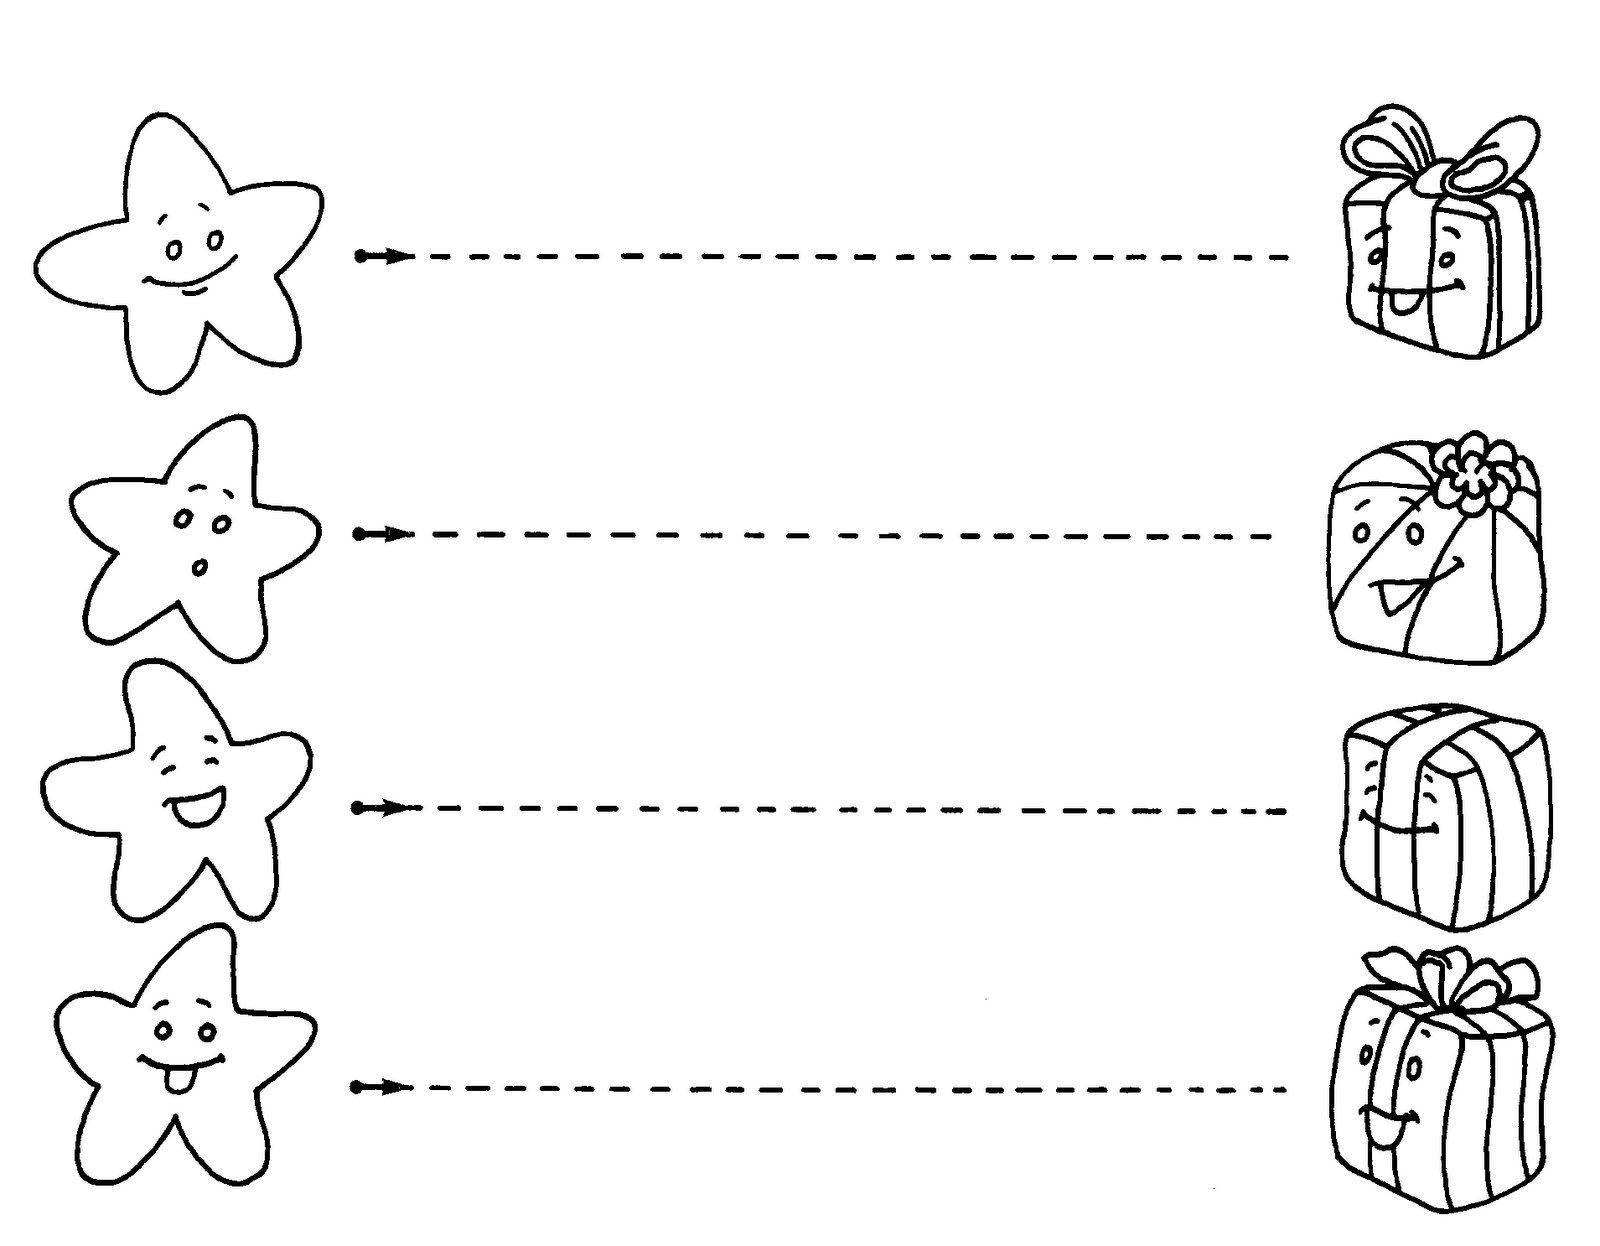 Grafomotricidad De Lineas Horizontales Manualidades A Raudales Grafomotricidad Actividades Para Motricidad Fina Habilidades De Preescritura